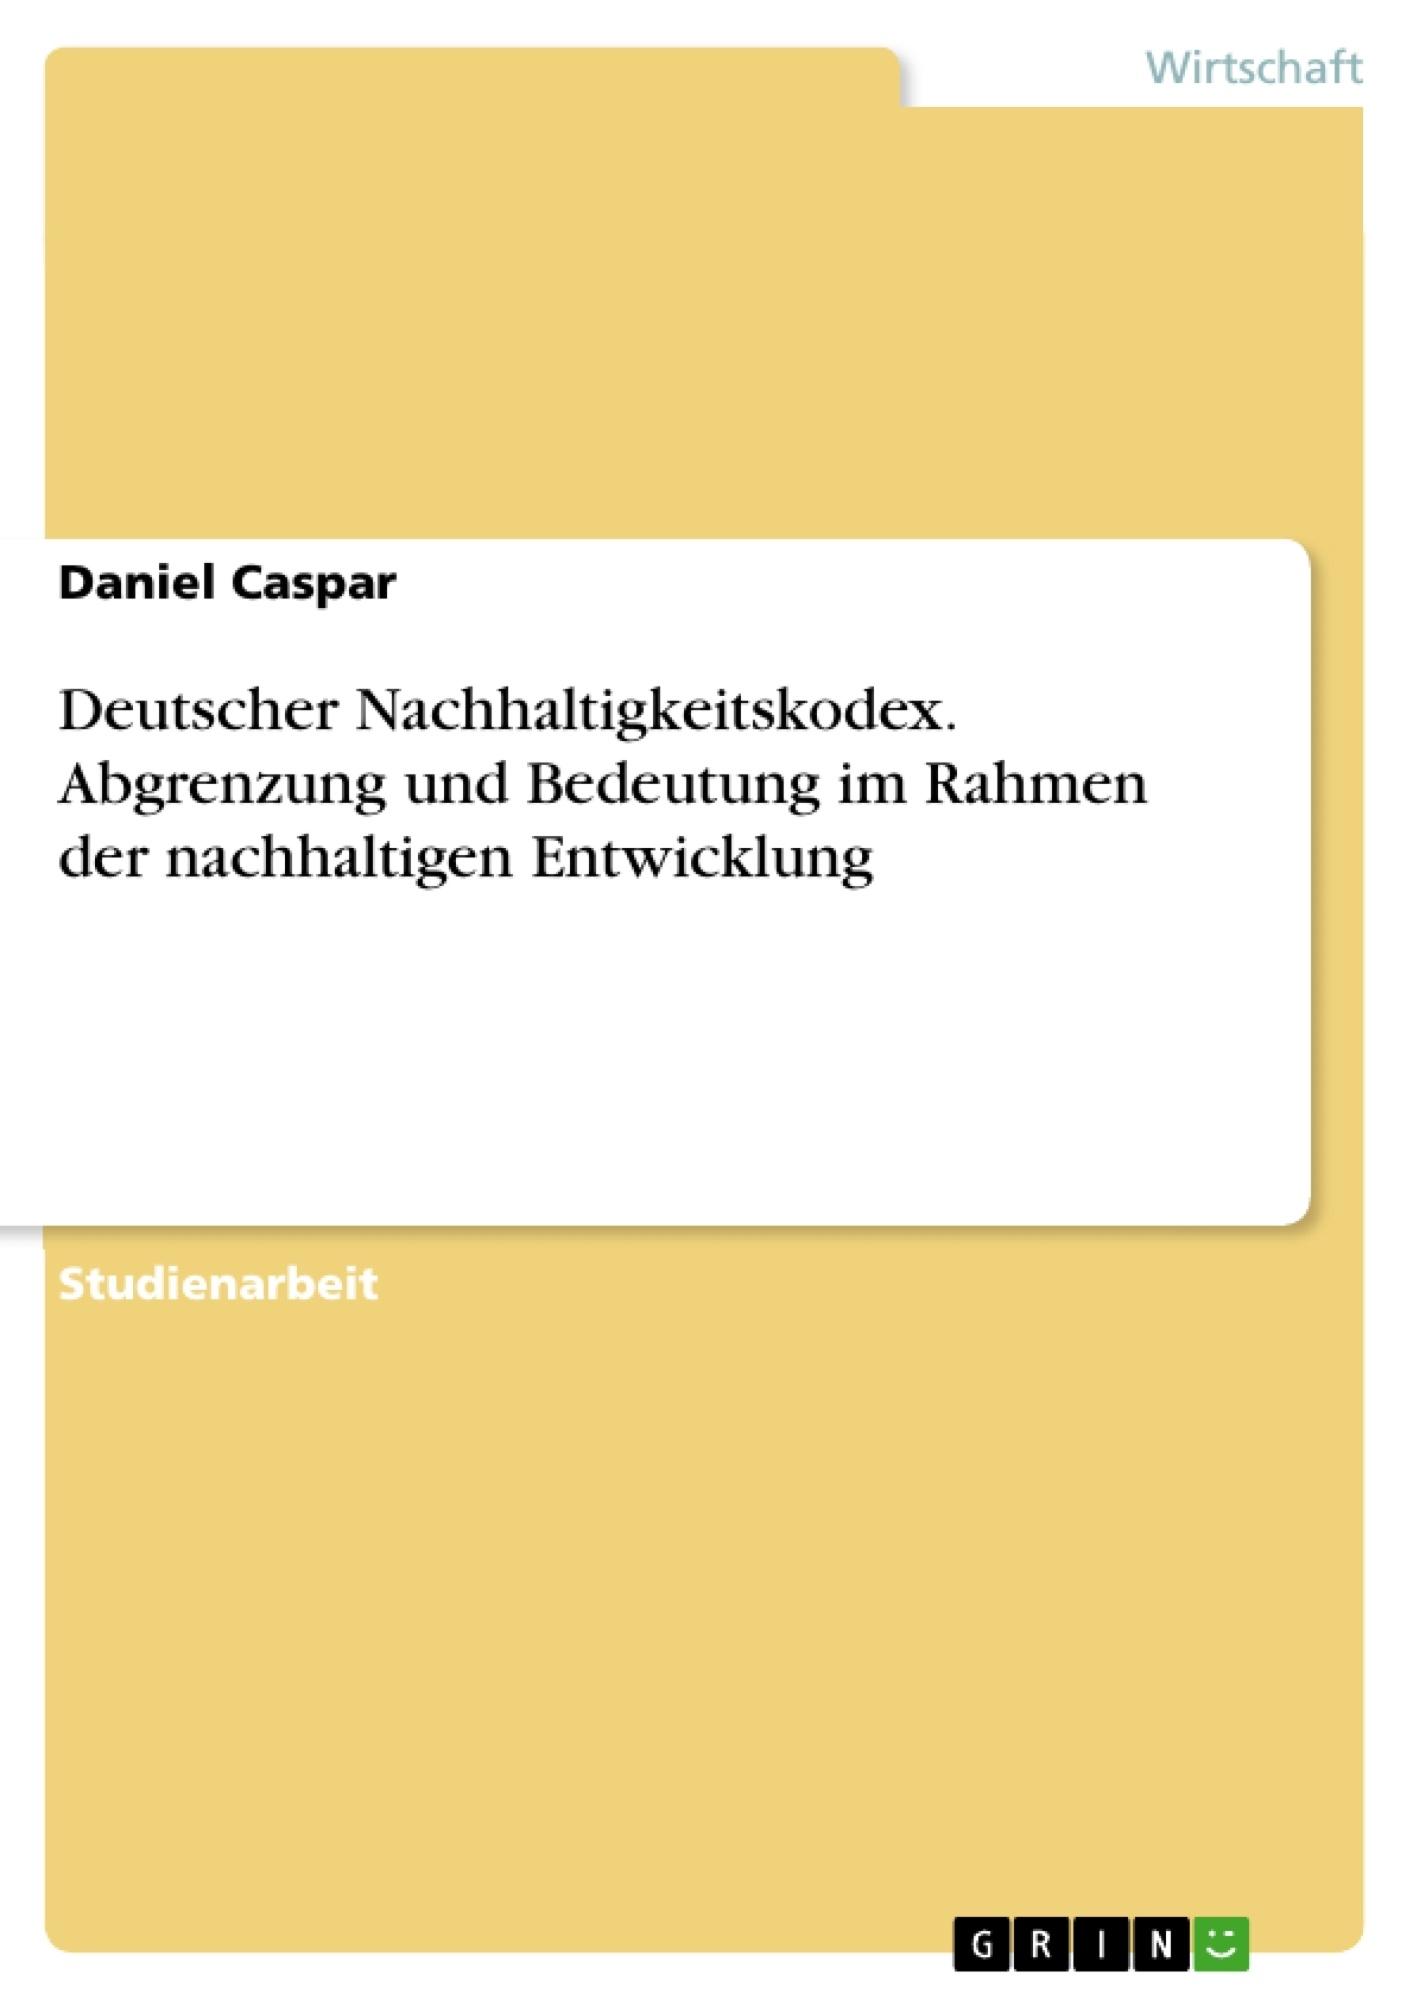 Titel: Deutscher Nachhaltigkeitskodex. Abgrenzung und Bedeutung im Rahmen der nachhaltigen Entwicklung